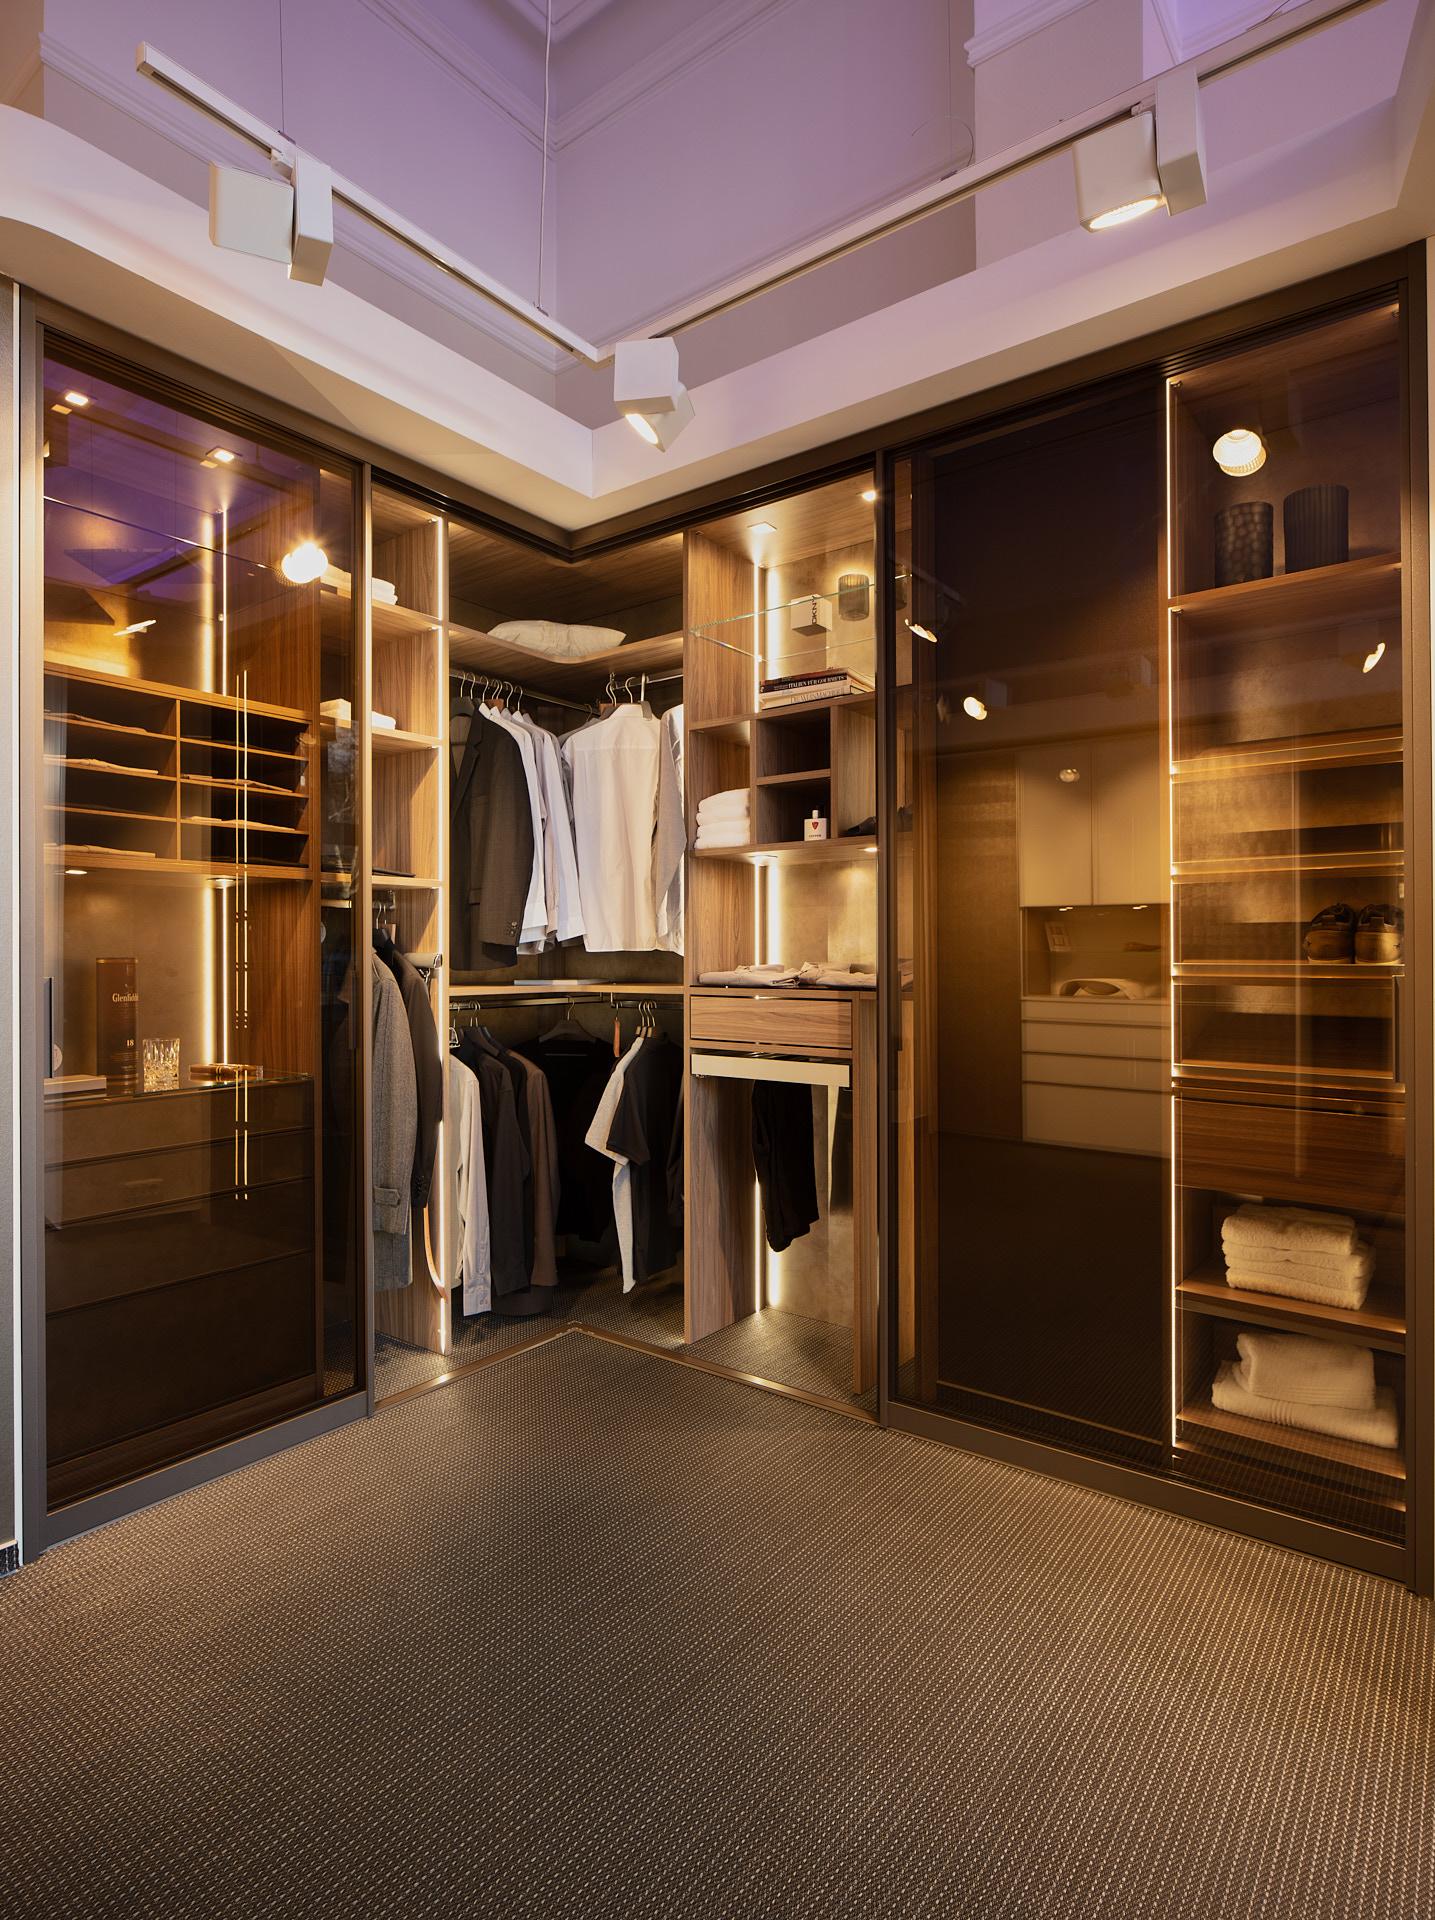 Maßgefertigter deckenhoher Eck-Kleiderschrank mit Schiebetüren aus Glas.